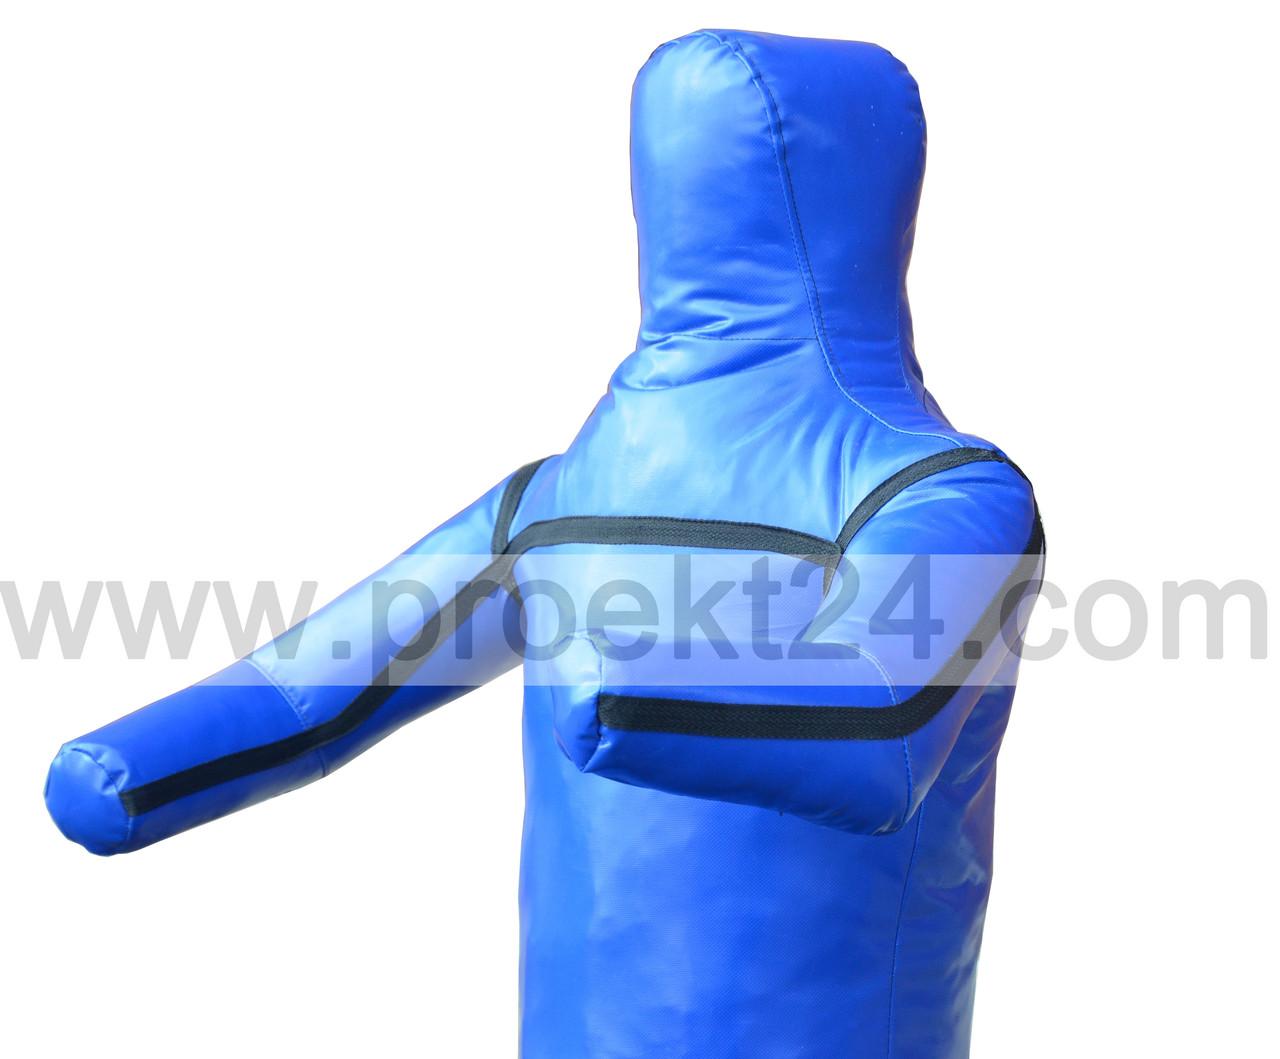 Манекен для борьбы, борцовский манекен 140см. (1 нога, руки вперед)